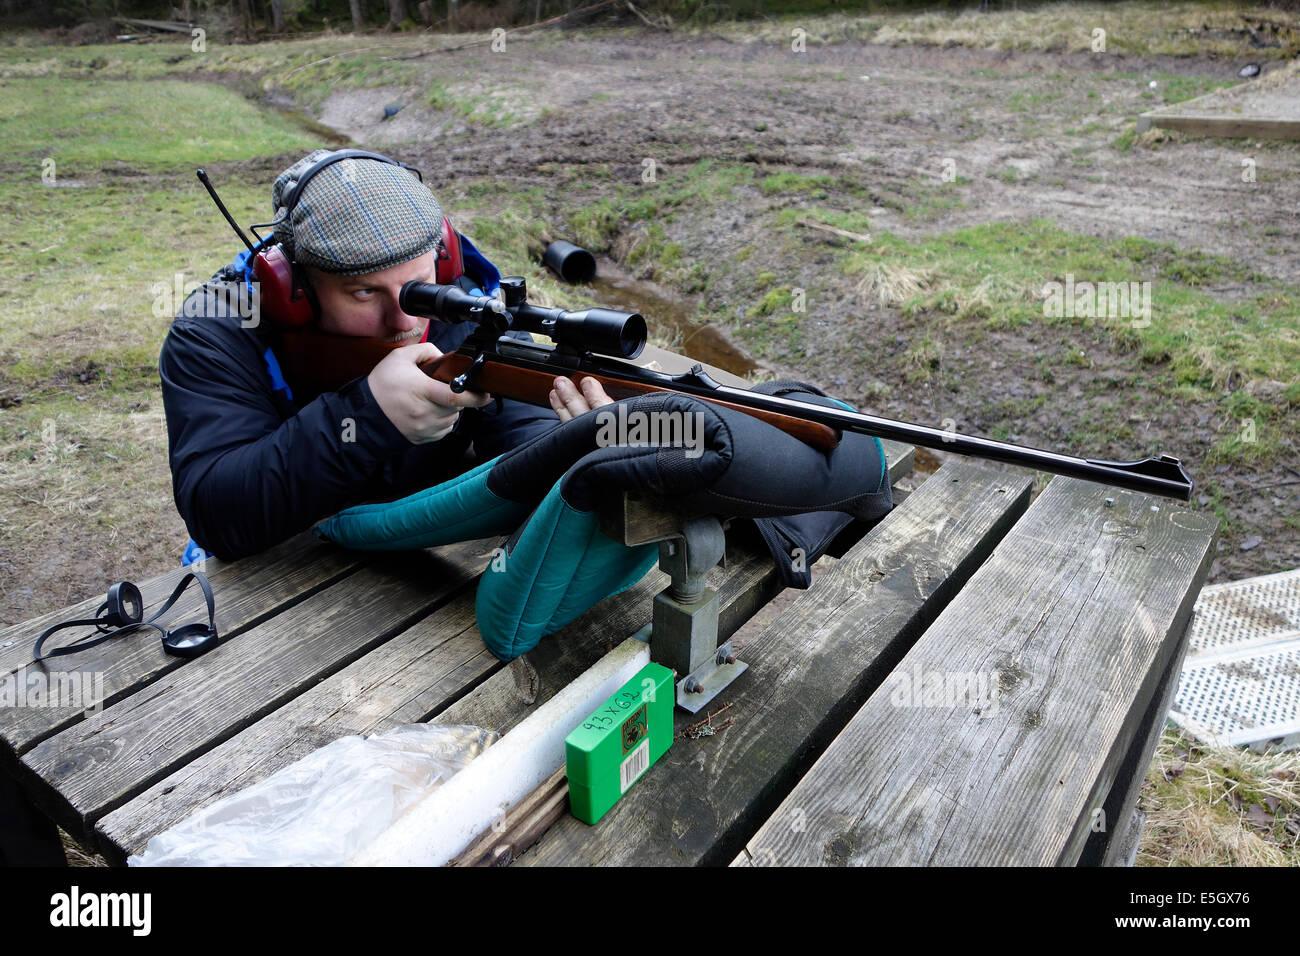 Jäger mit Jagdgewehr, ausgestattet mit einem Gültigkeitsbereich soll ein Training Runden schießen. Stockbild